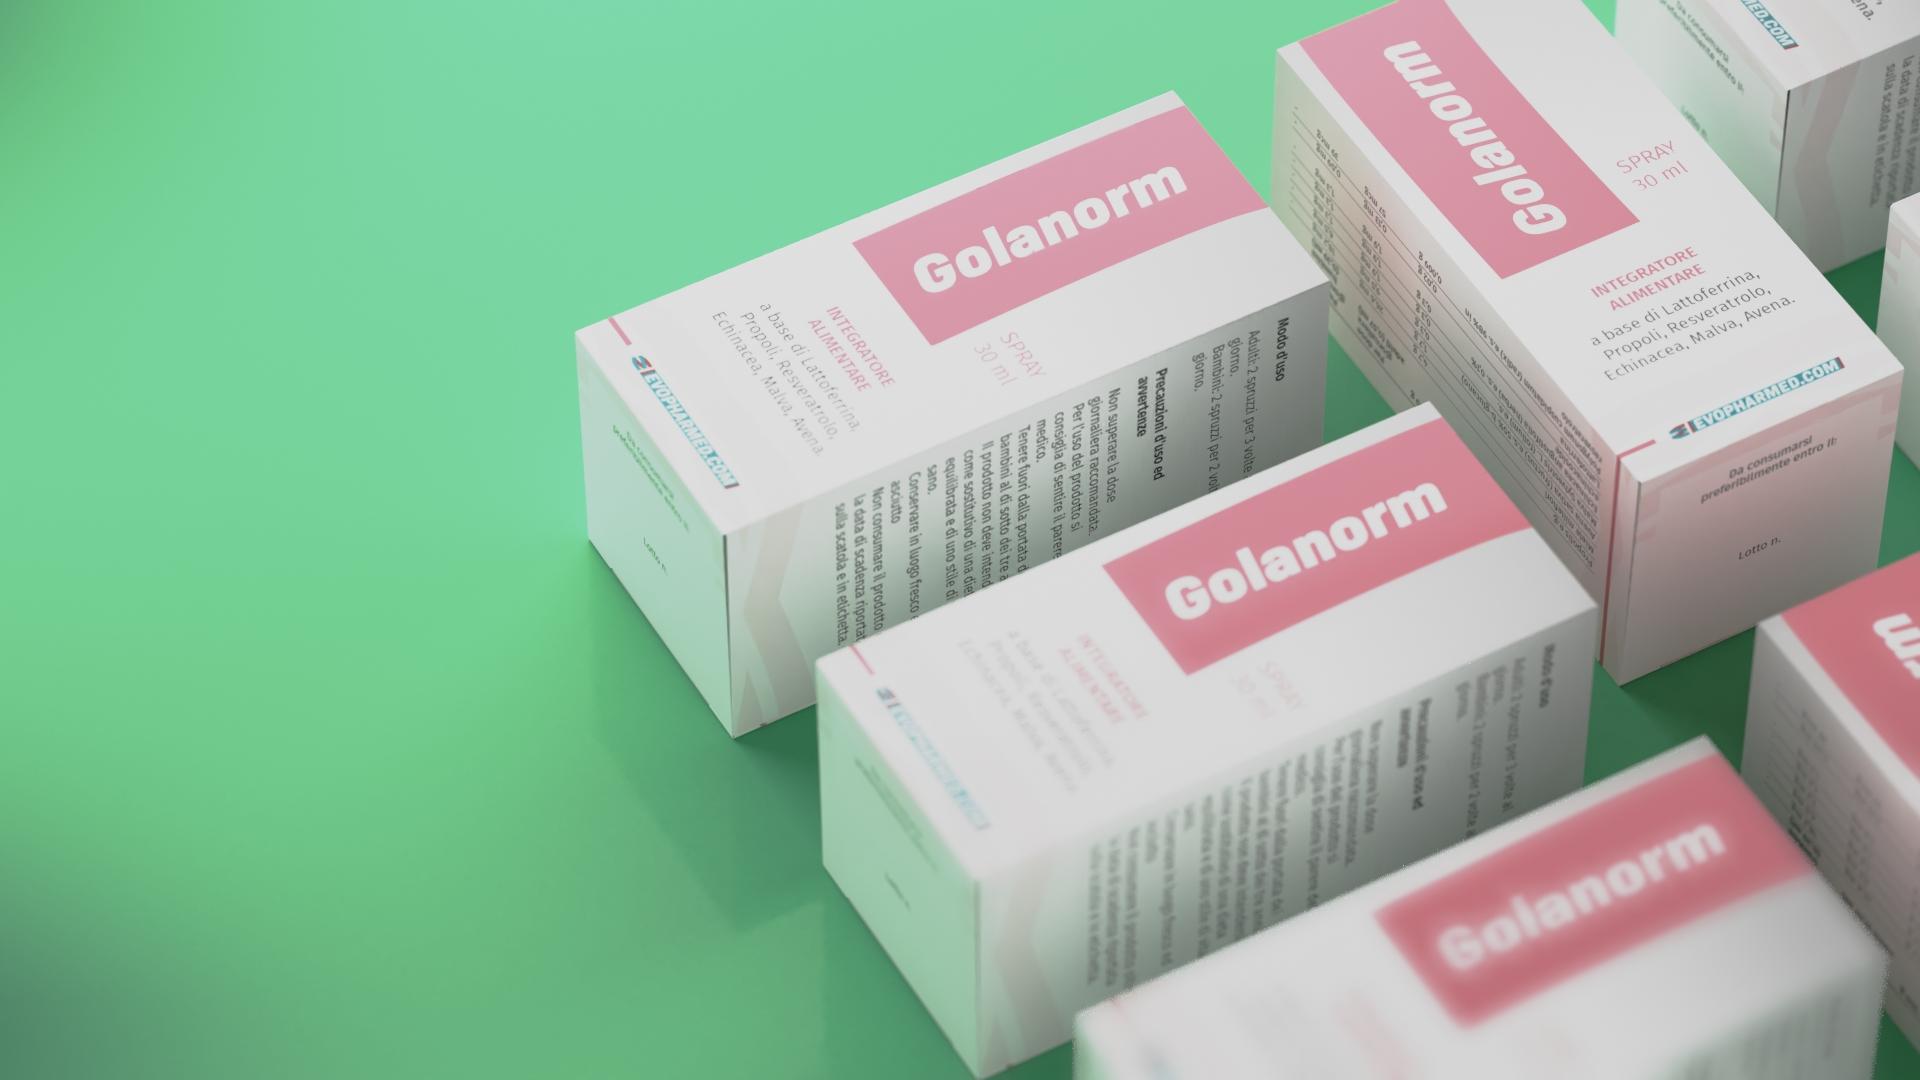 GOLANORM